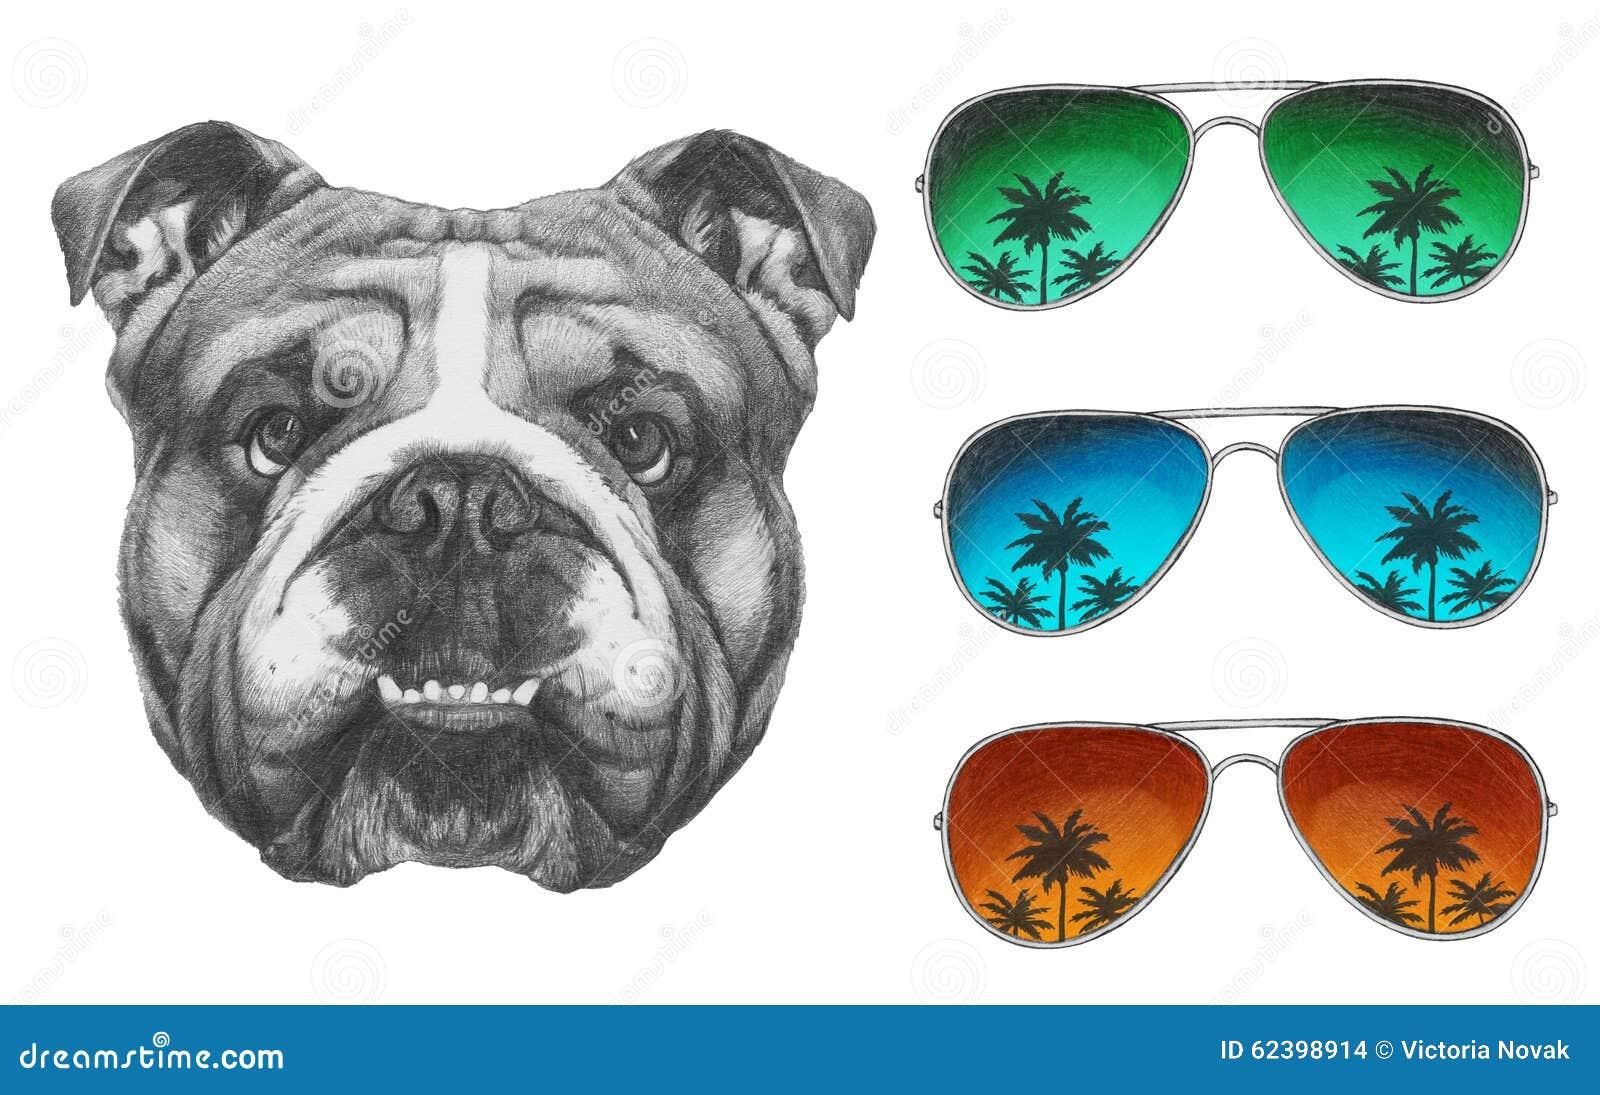 8a7a91234d69c Desenho Original Do Buldogue Inglês Com óculos De Sol Do Espelho ...